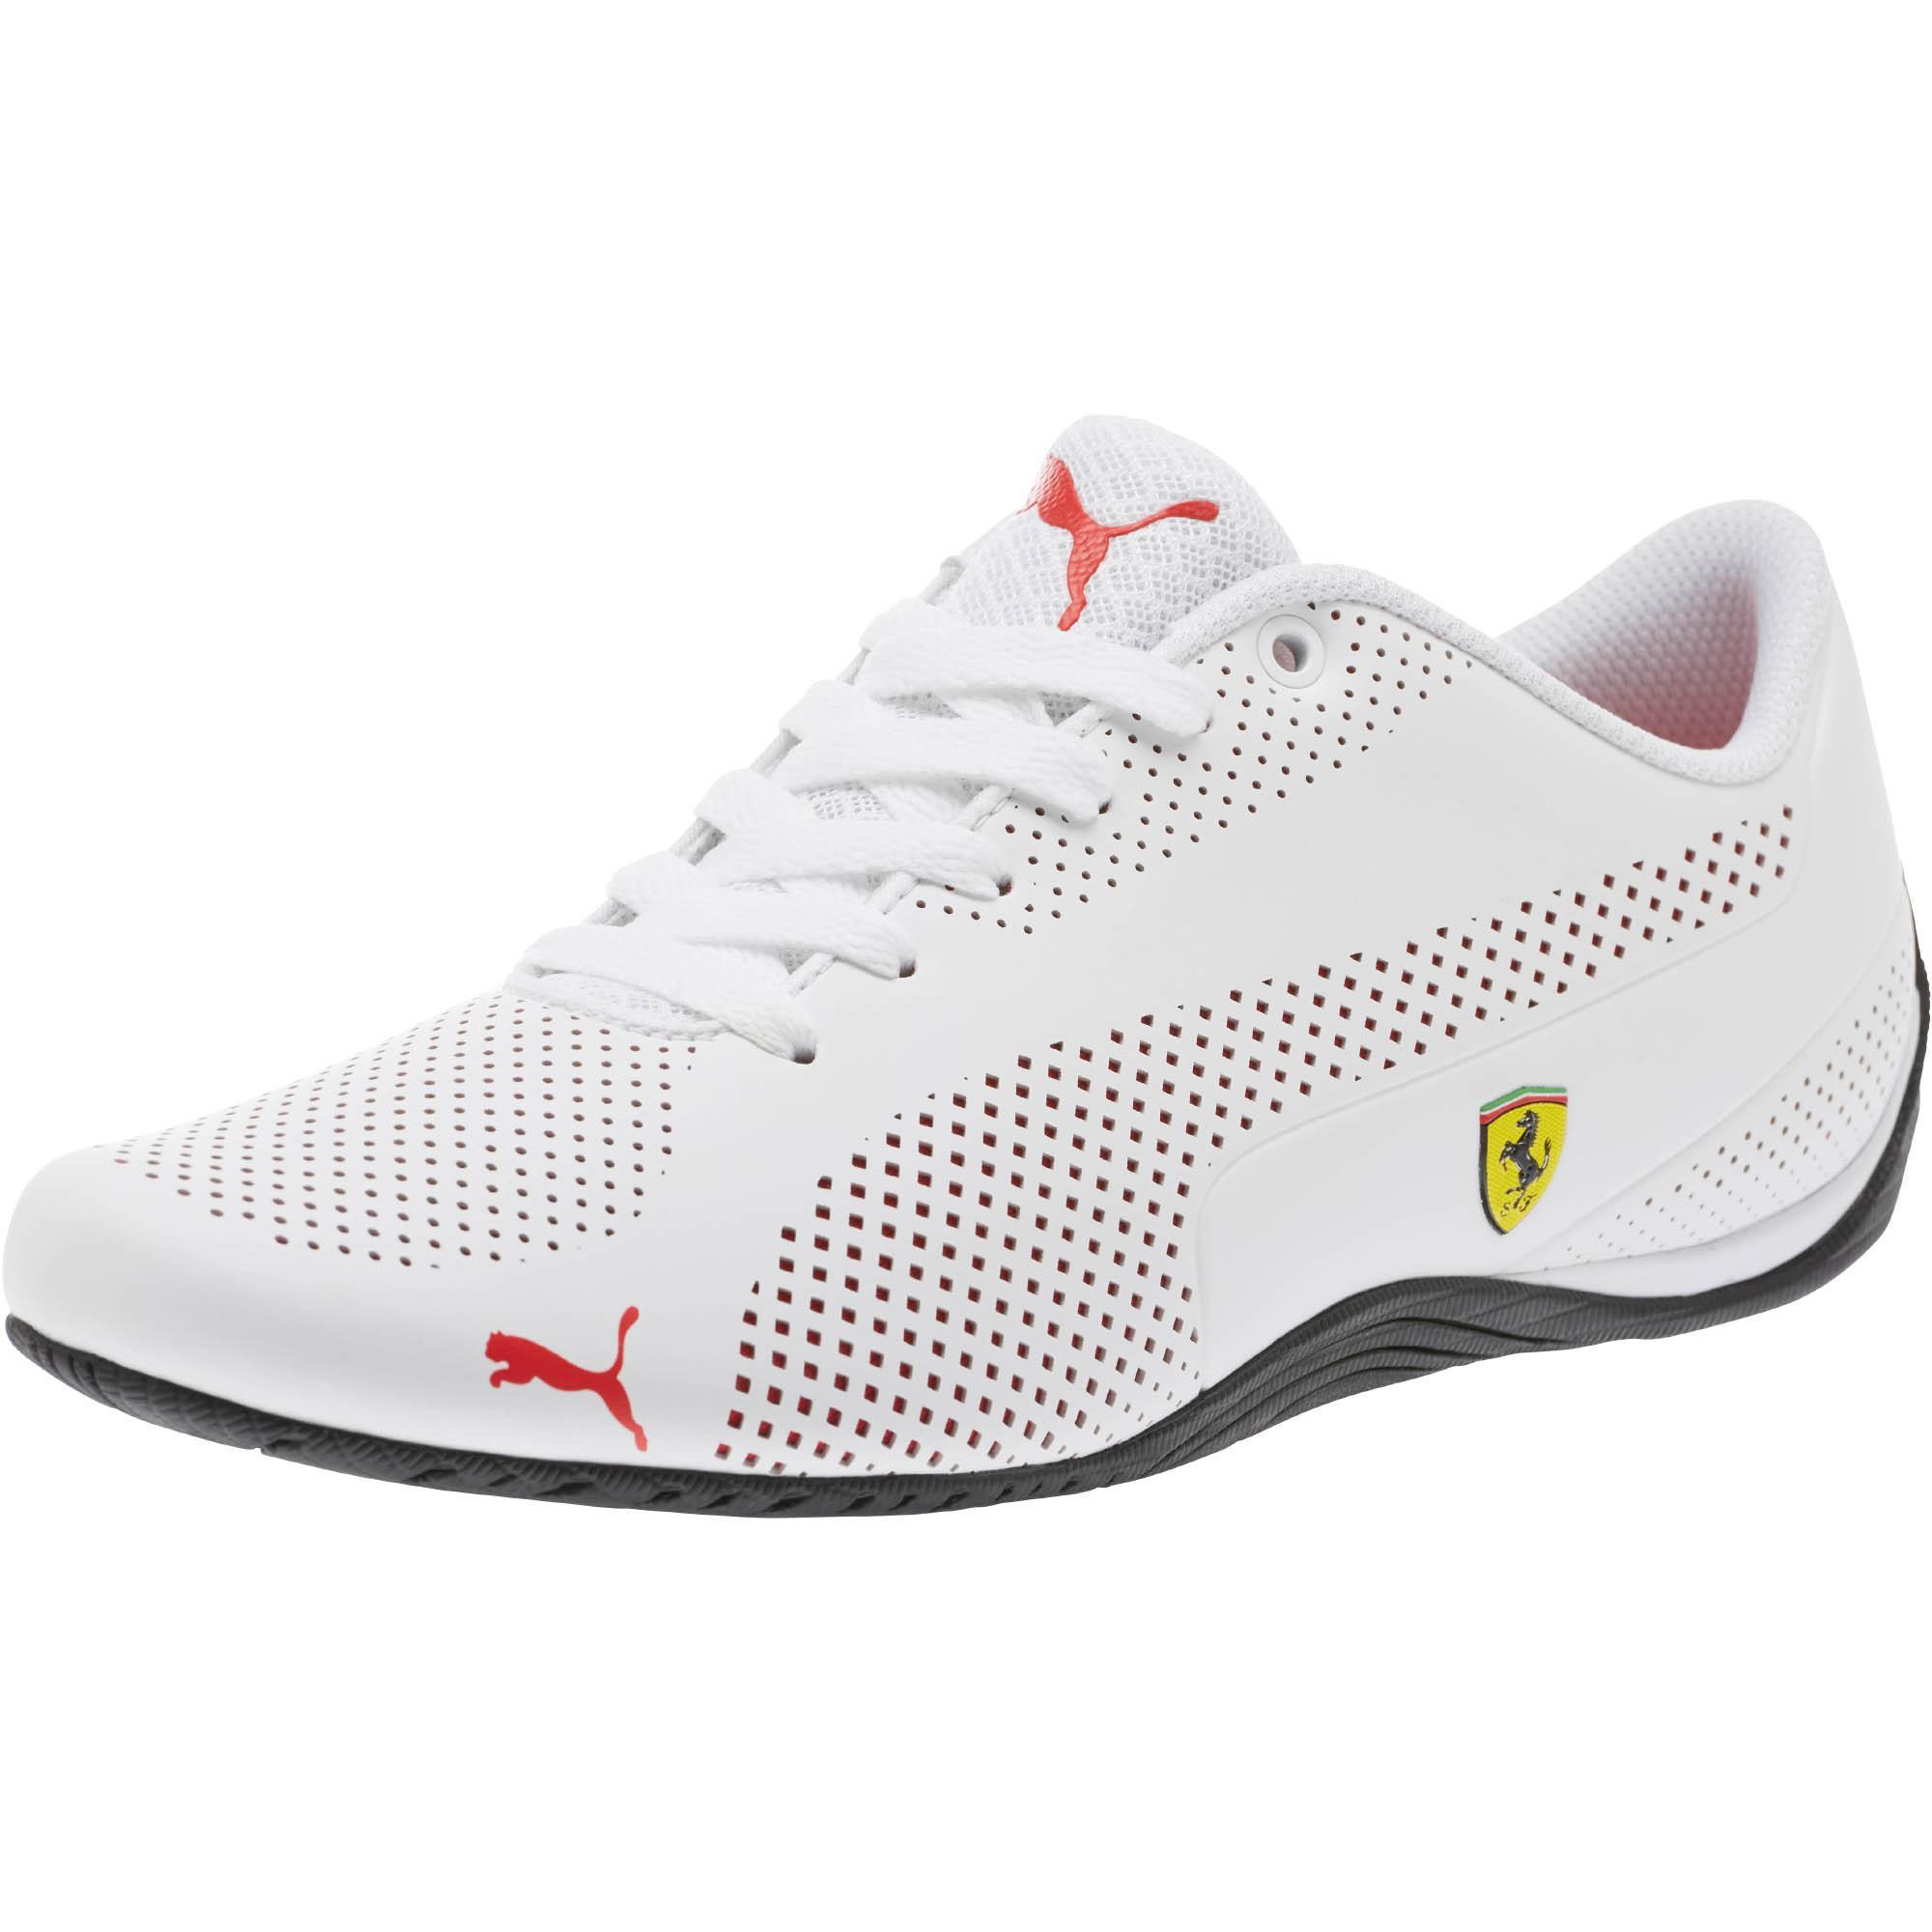 b3509bf2bad5d3 Lyst - PUMA Scuderia Ferrari Drift Cat 5 Ultra Sneakers in White for ...